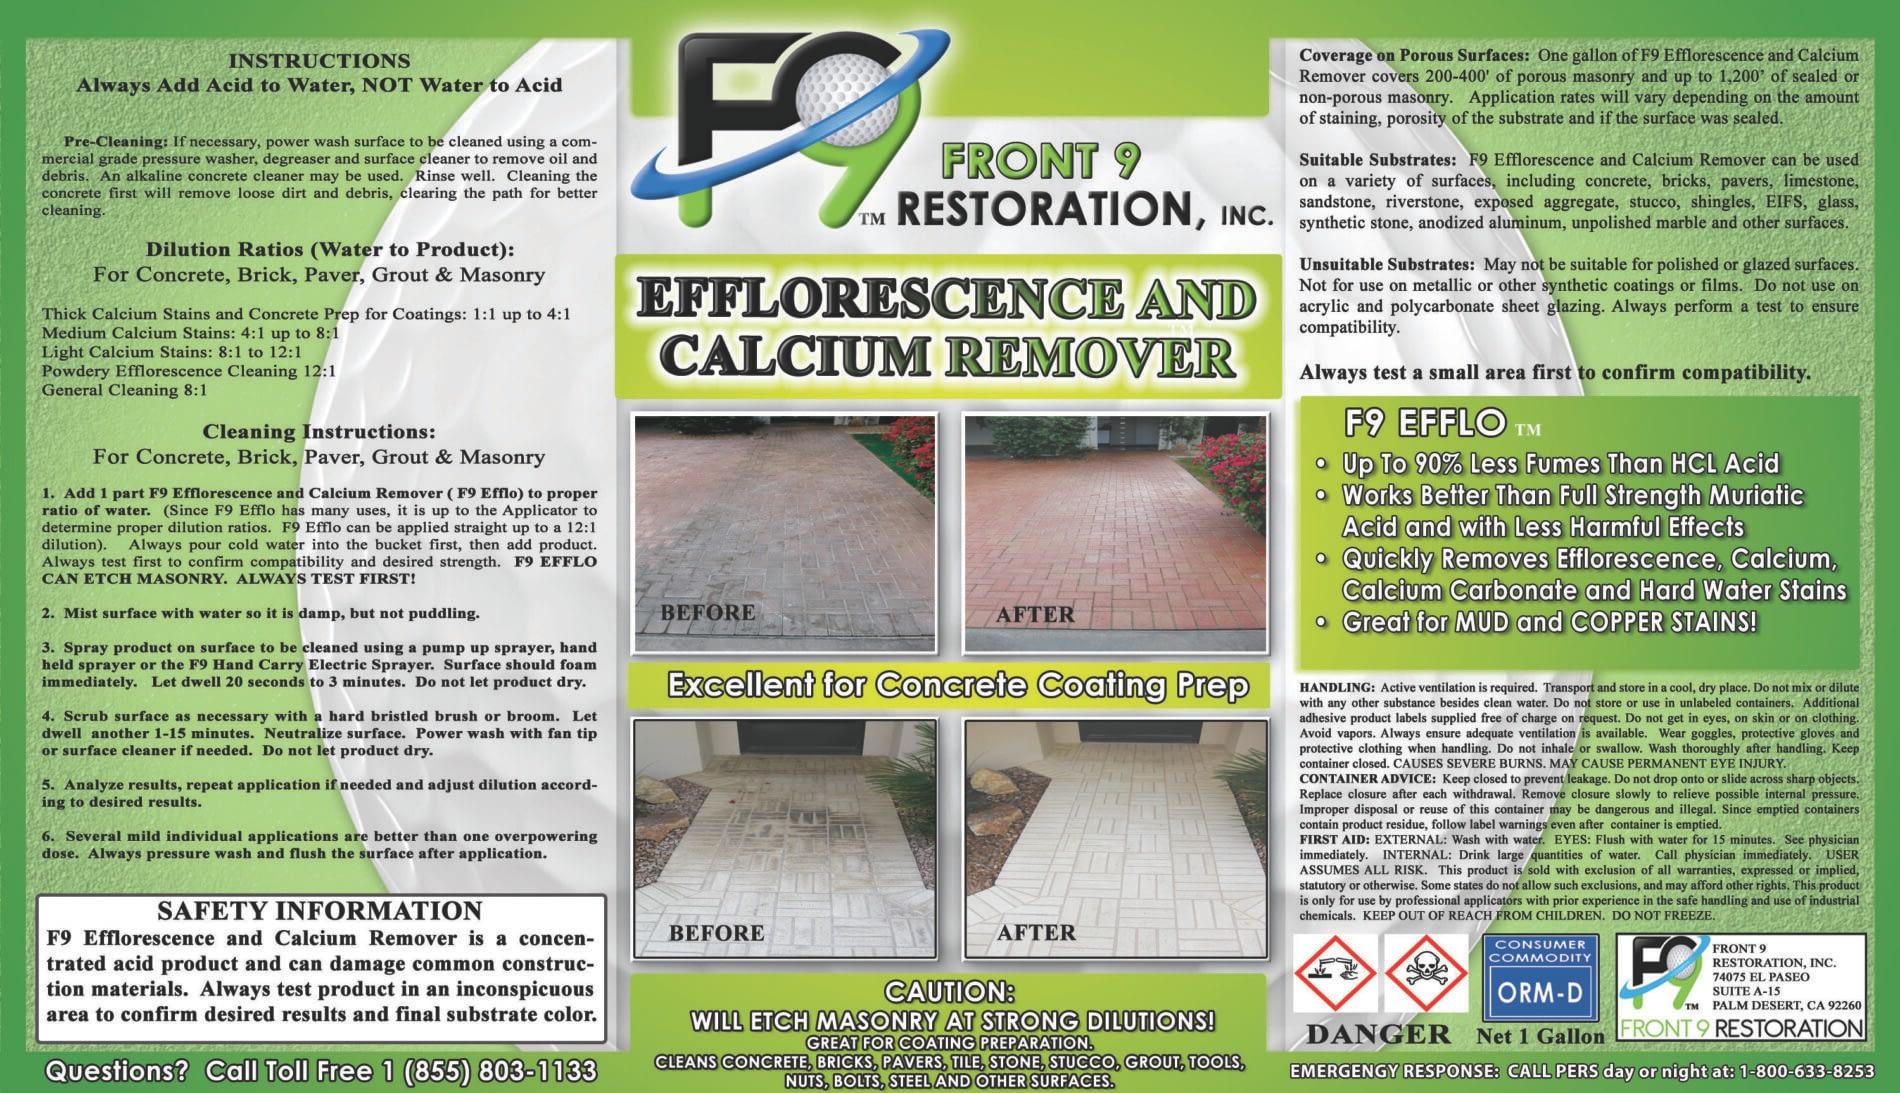 Label Image F9 Efflo